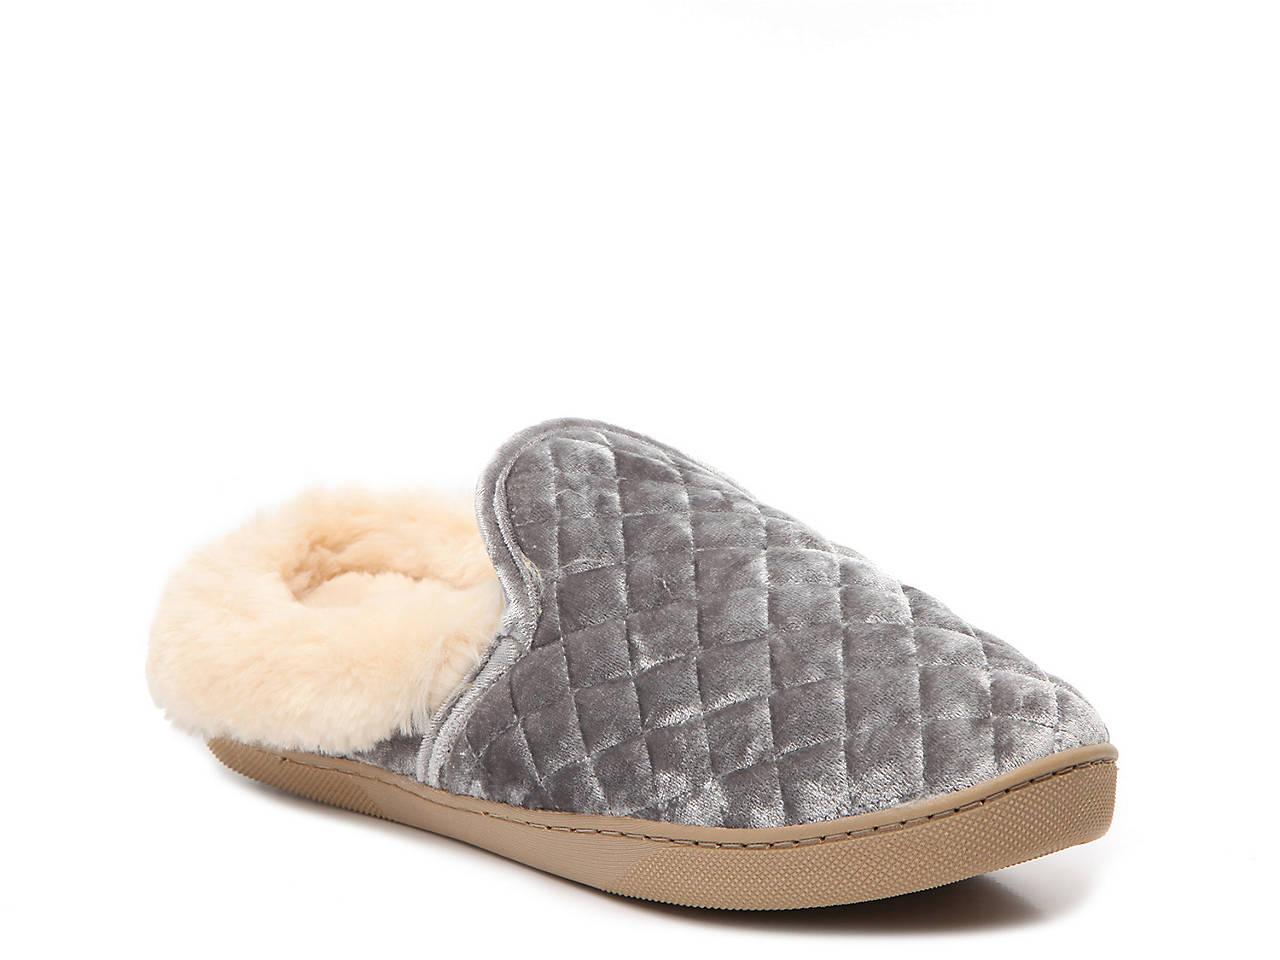 e06d34e1e7487 Steve Madden Marylou Velvet Slipper Women's Shoes | DSW